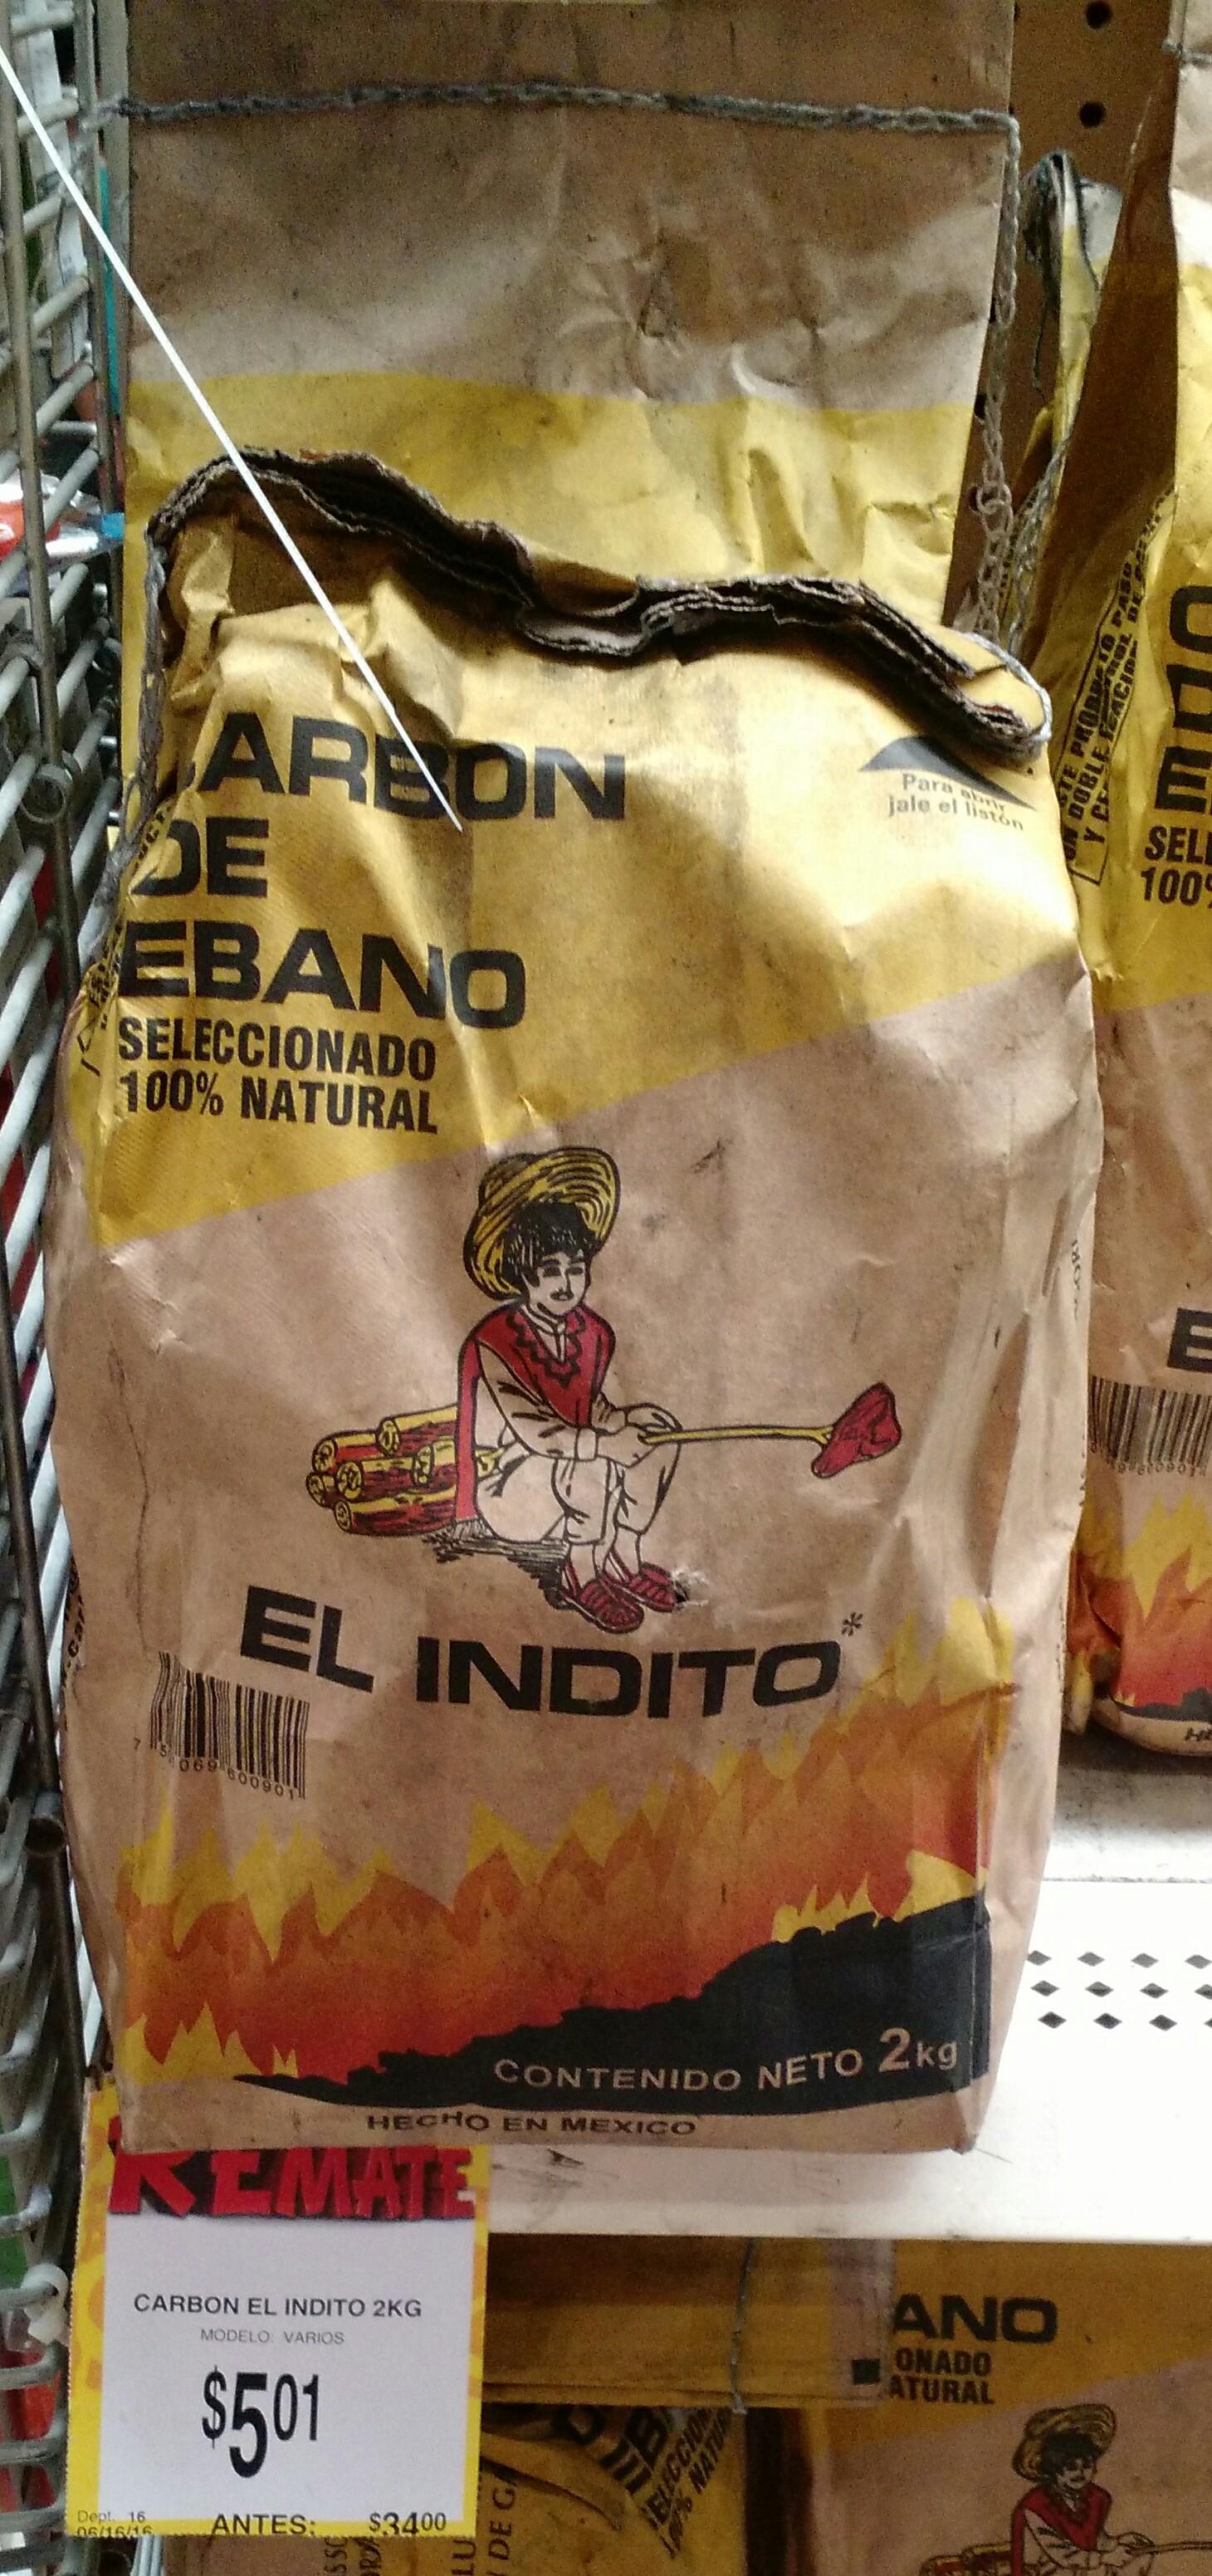 Bodega Aurrerá Ixtepec Oaxaca: bolsa de carbón 2kg a $5.01